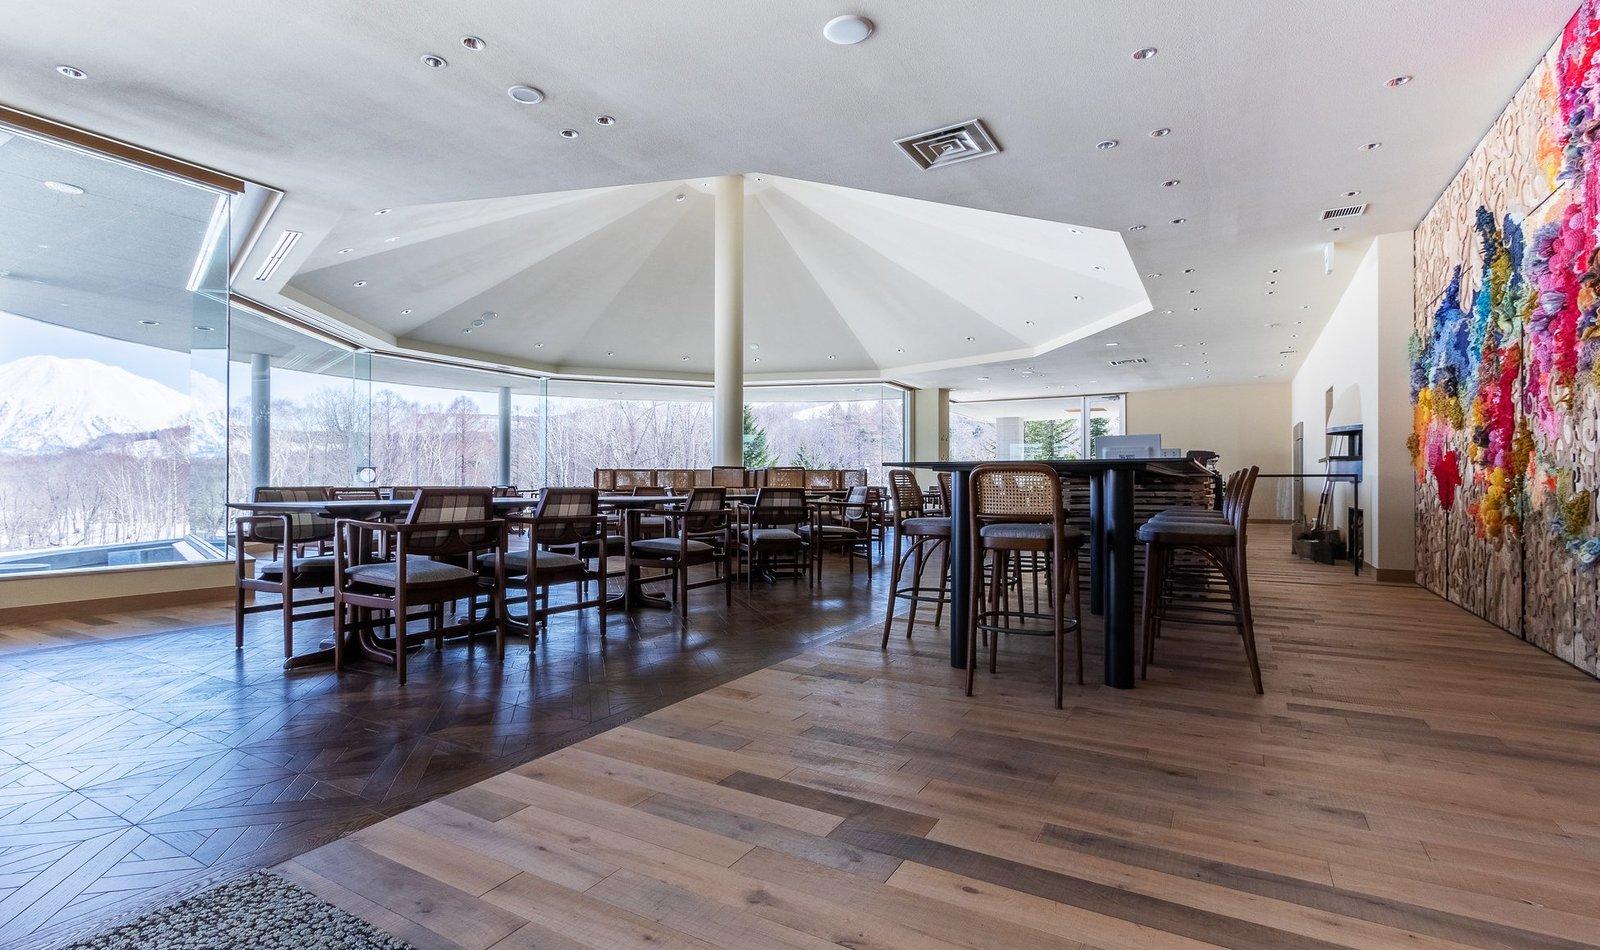 ニセコの地中海料理レストランCOENAの店内